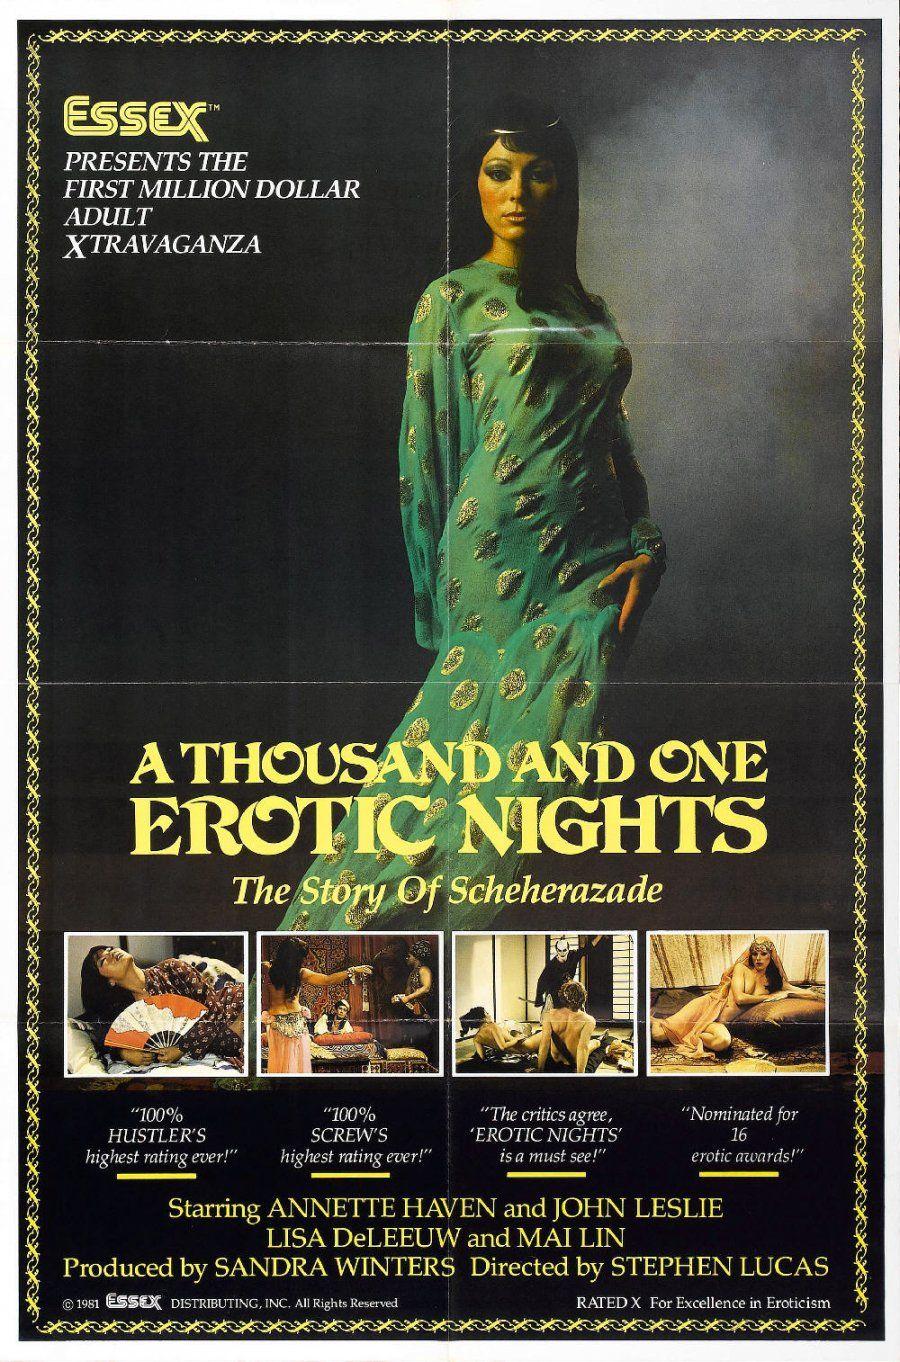 erotic online 1001 nights watch